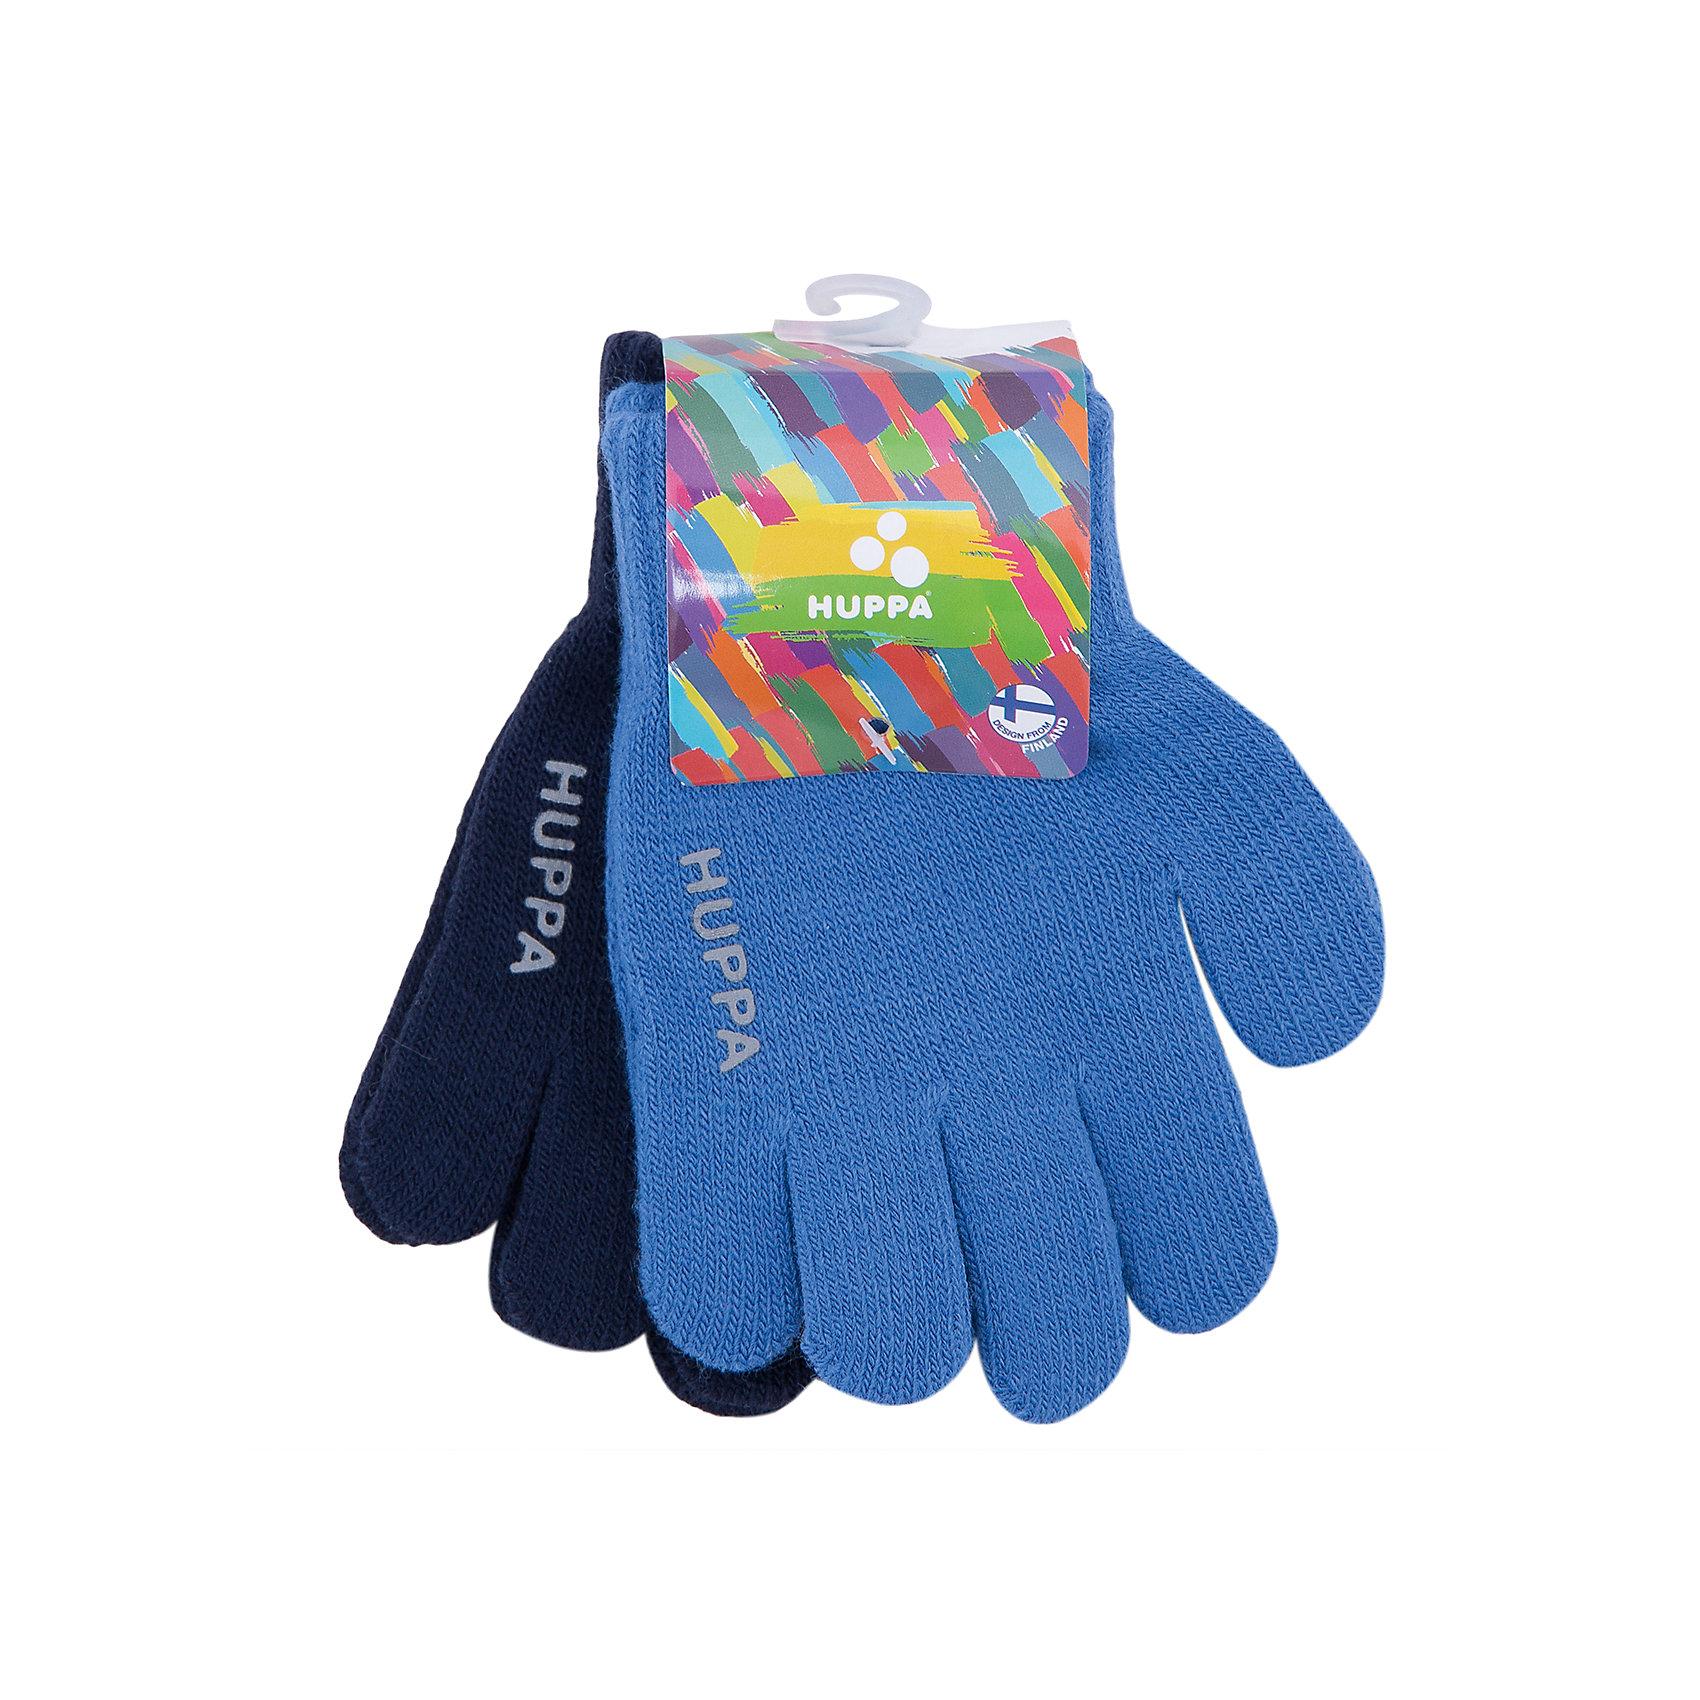 Перчатки HuppaКлассические вязаные перчатки Levi2 Huppa(Хуппа) изготовлены из акрила и способны долго удерживать тепло. Перчатки украшены вышивкой с логотипом марки. Отлично подойдут для активного зимнего отдыха.<br><br>Дополнительная информация:<br>Цвет: синий/темно-синий<br>Материал: акрил<br><br>Перчатки Levi2 Huppa можно купить в нашем интернет-магазине.<br><br>Ширина мм: 162<br>Глубина мм: 171<br>Высота мм: 55<br>Вес г: 119<br>Цвет: синий<br>Возраст от месяцев: 3<br>Возраст до месяцев: 12<br>Пол: Унисекс<br>Возраст: Детский<br>Размер: 1,2<br>SKU: 4923733